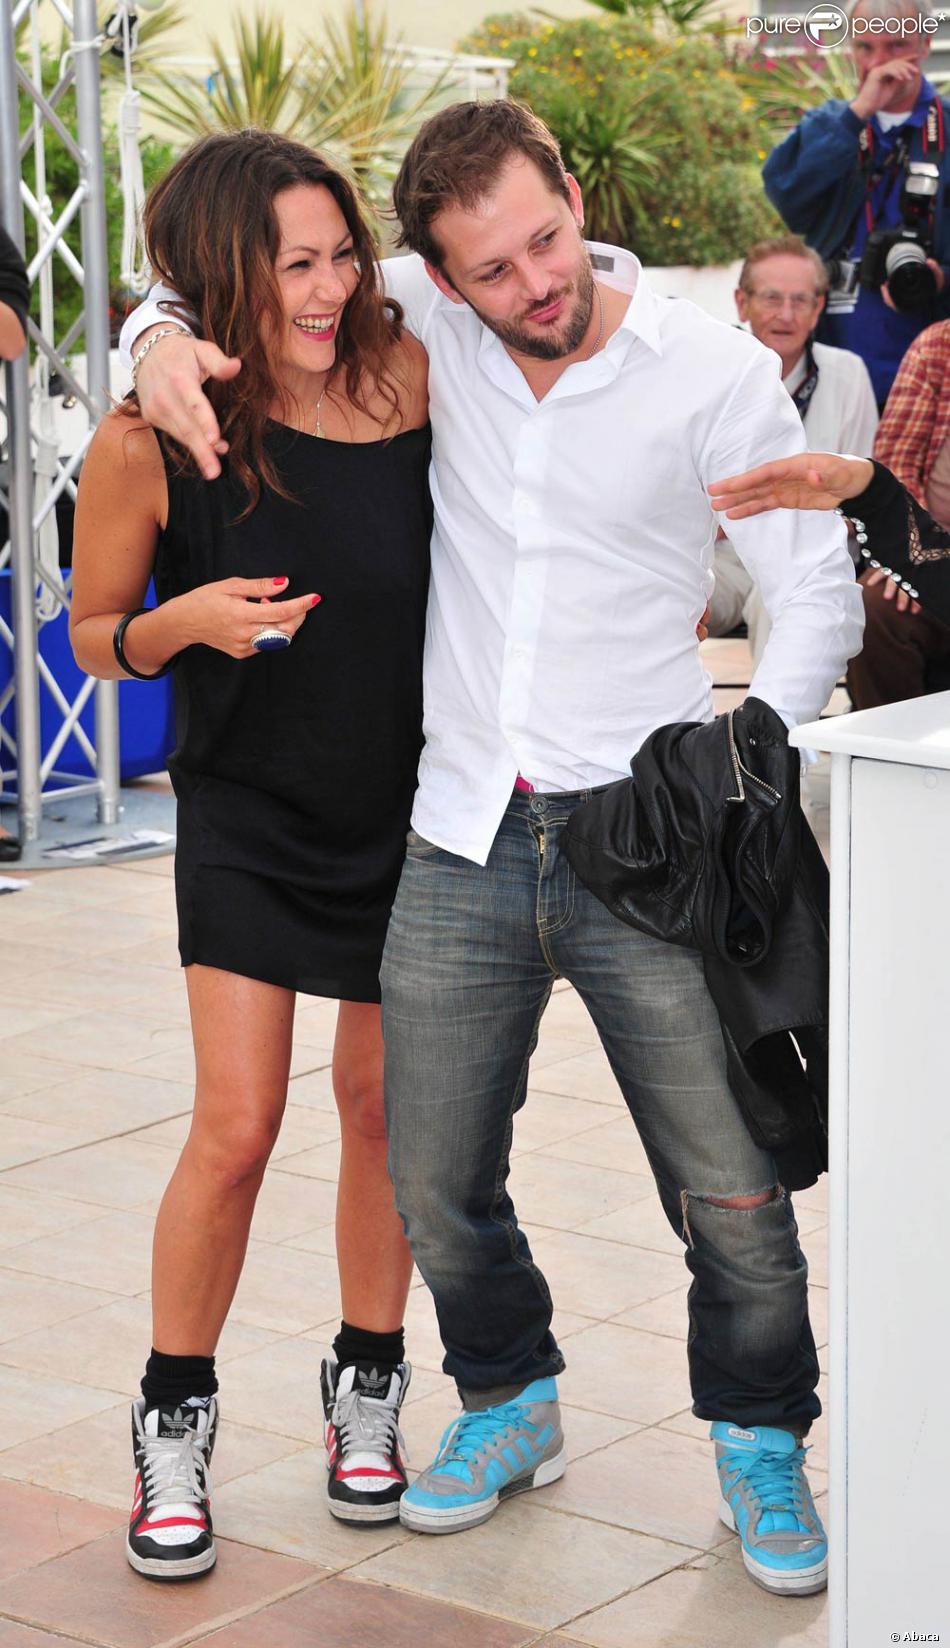 Karole Rocher et Nicolas Duvauchelle à l'occasion du photocall de Polisse,  présenté aujourd'hui au 64e Festival de Cannes, le 13 mai 2011.